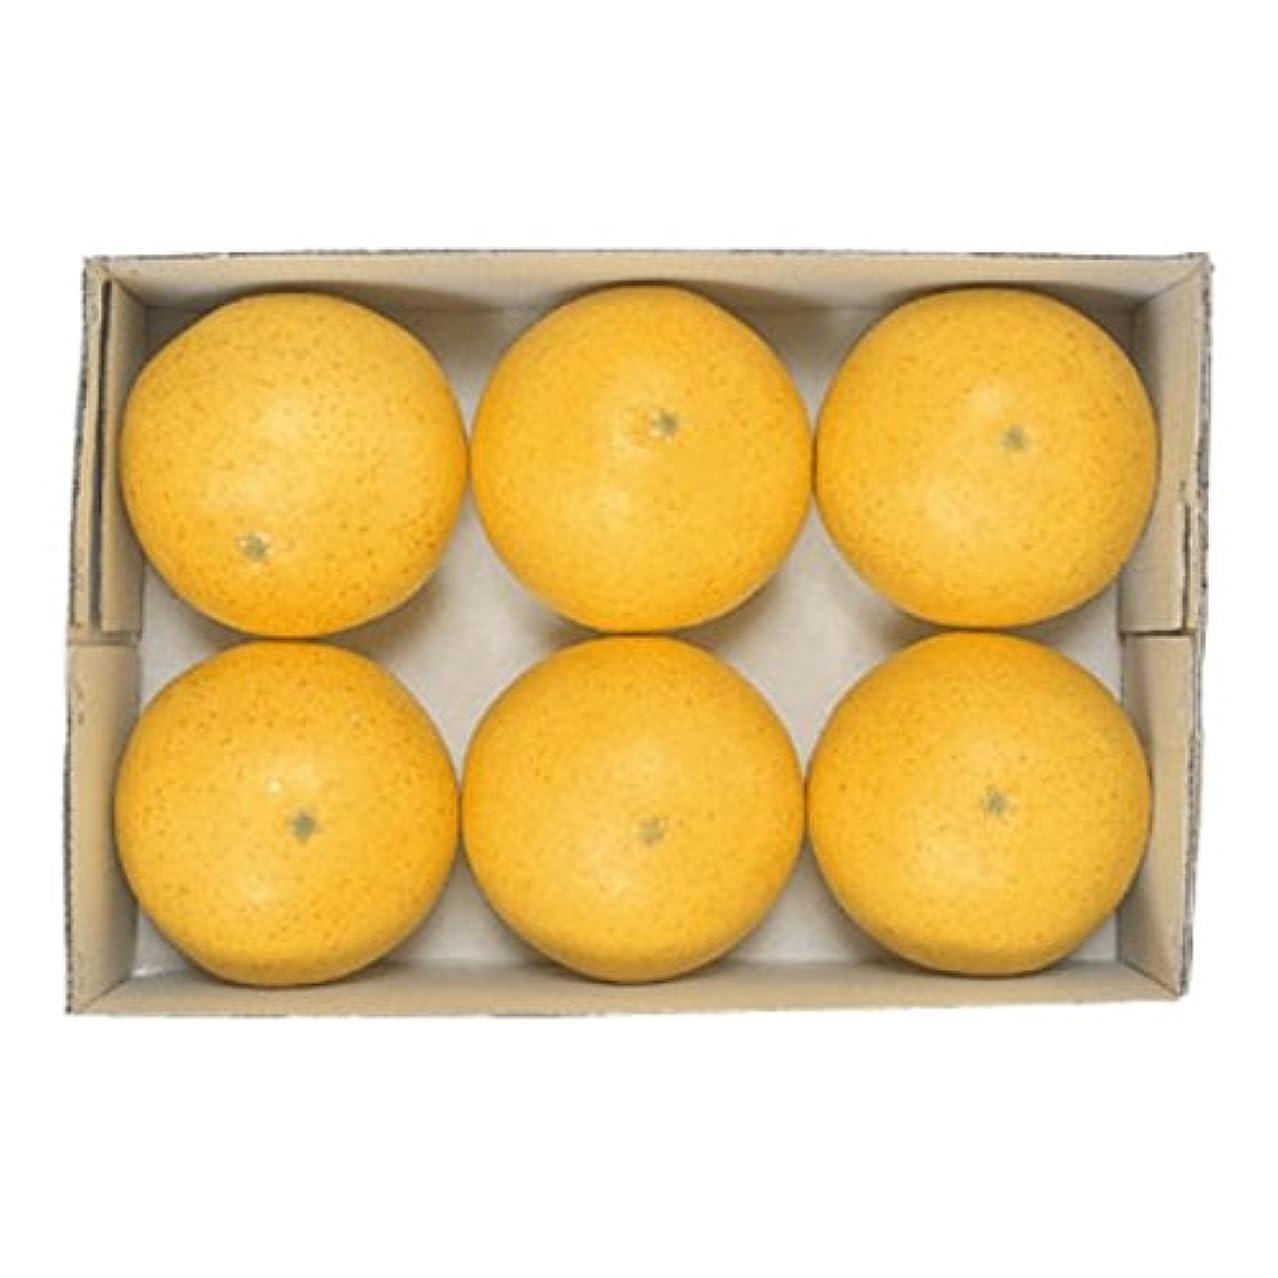 威する発生器時計フロリダグレープフルーツ(6ヶパック)(VF0144)[食品サンプル フェイクフード ディスプレイ フルーツ グレープフルーツ]